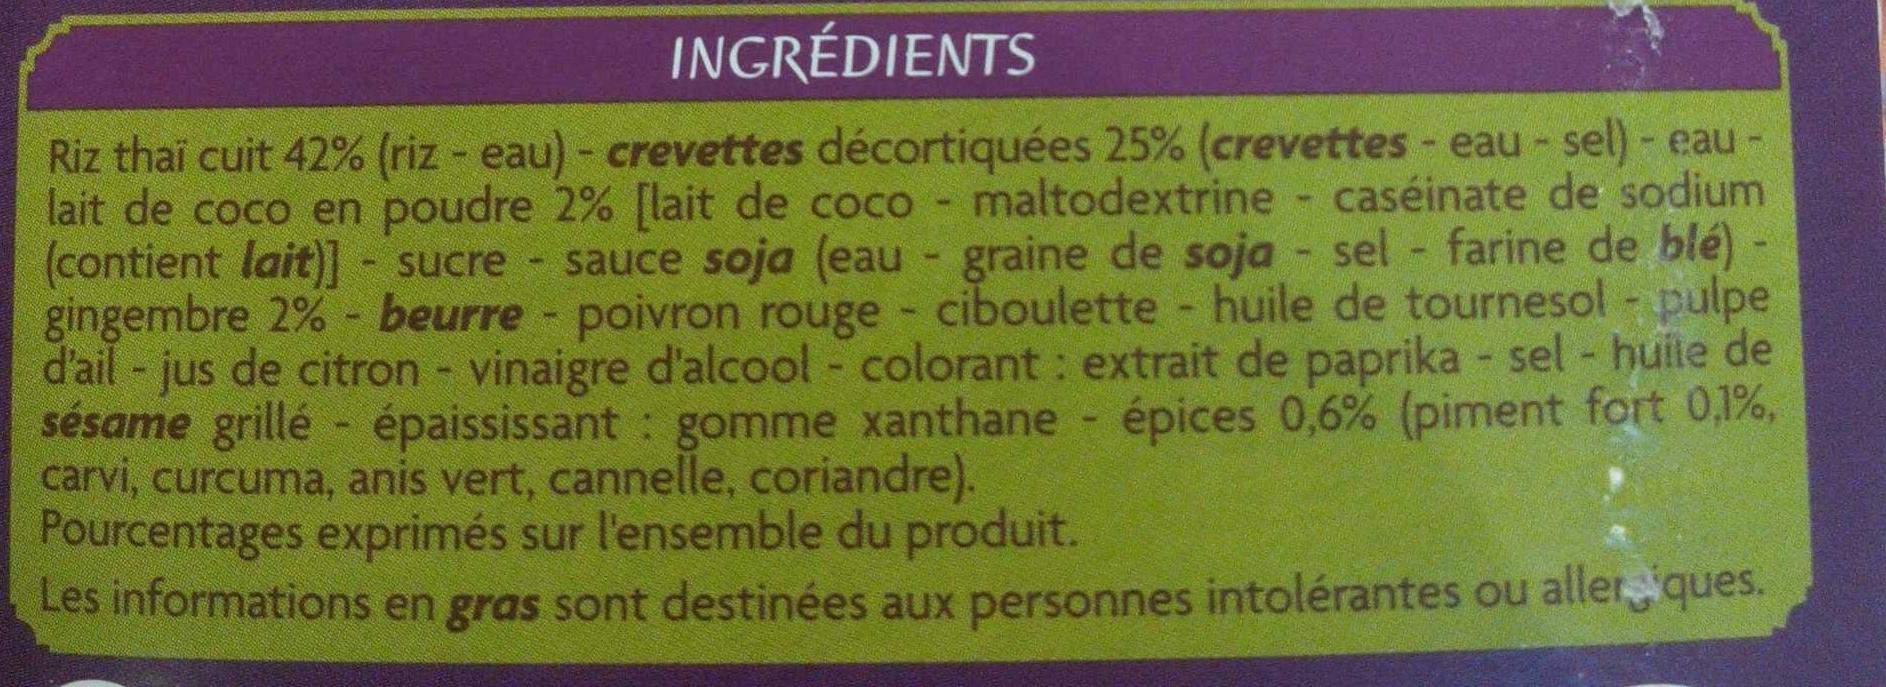 Crevettes lait de coco et riz thaï - Ingrédients - fr